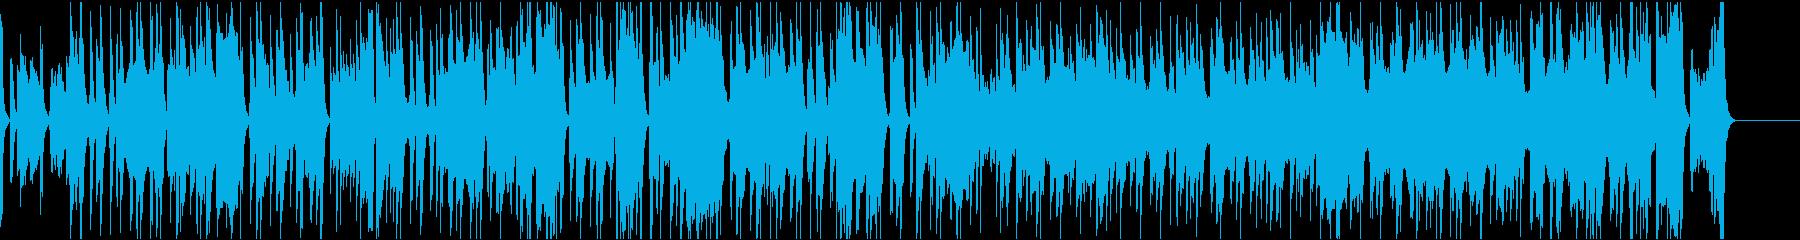 優雅なソロバイオリンがメインの曲の再生済みの波形